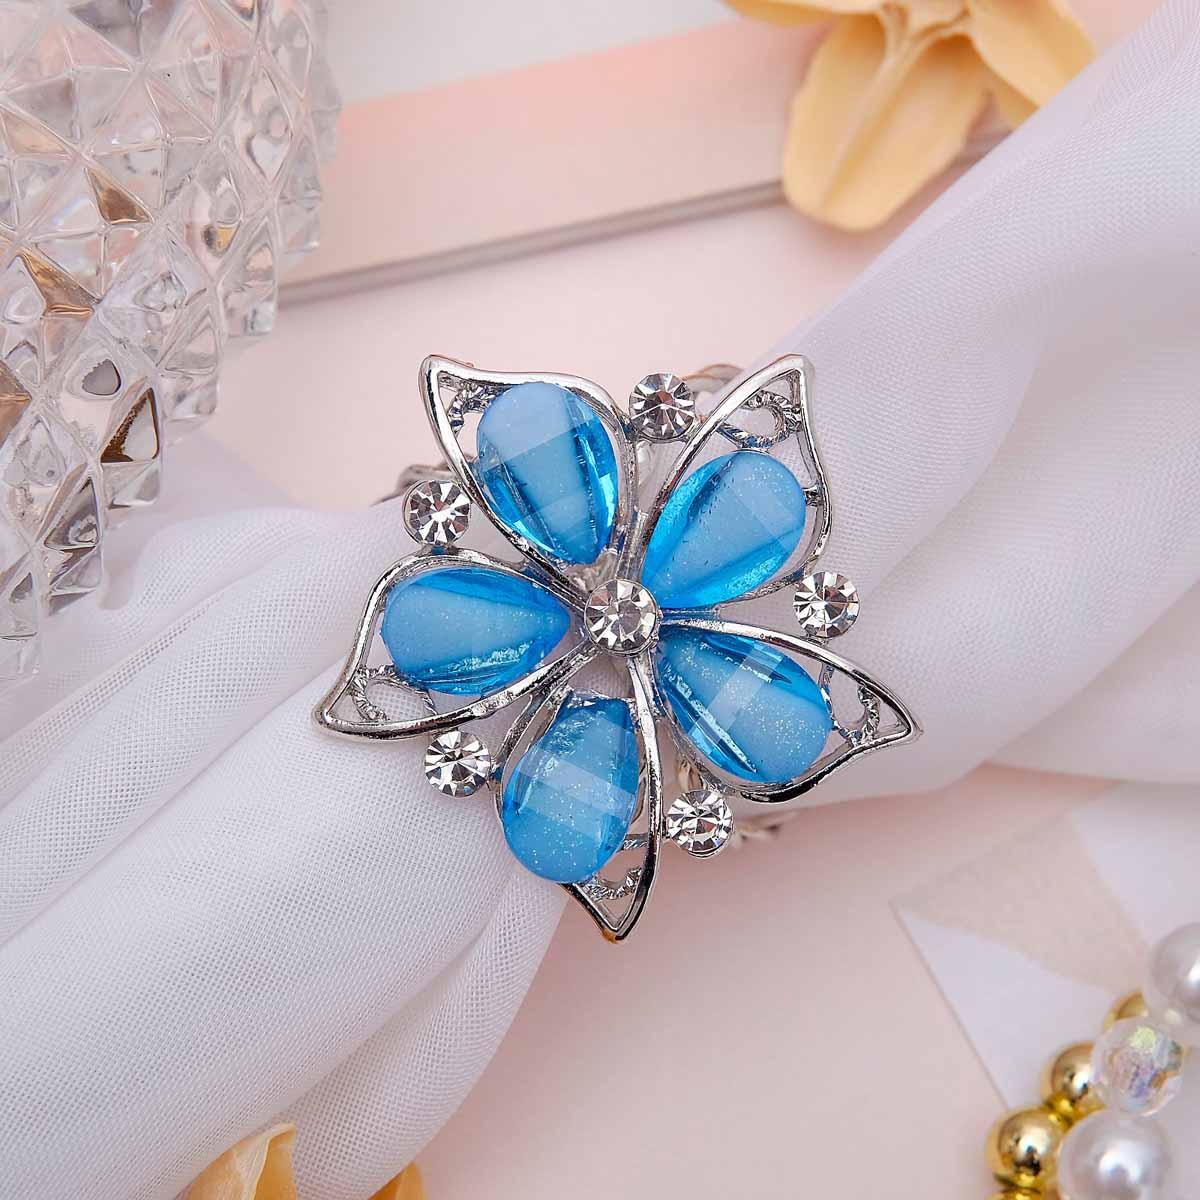 3734778 Кольцо для платка 'Цветок магнолия', цвет синий в серебре